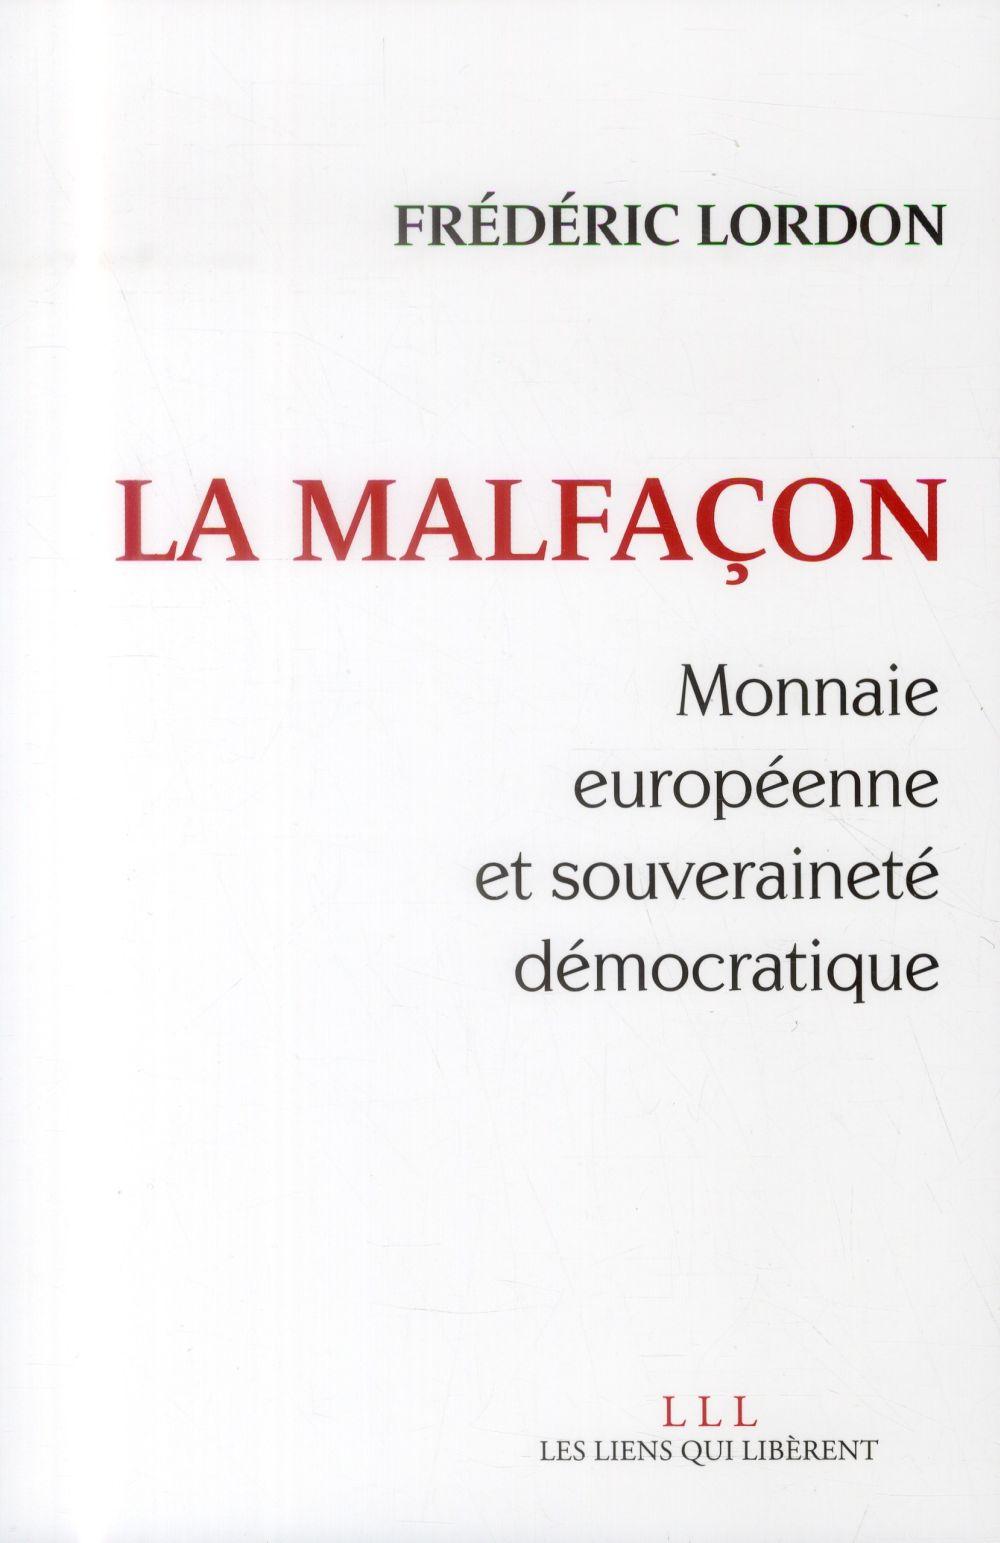 La malfaçon ; monnaie européenne et souveraineté démocratique